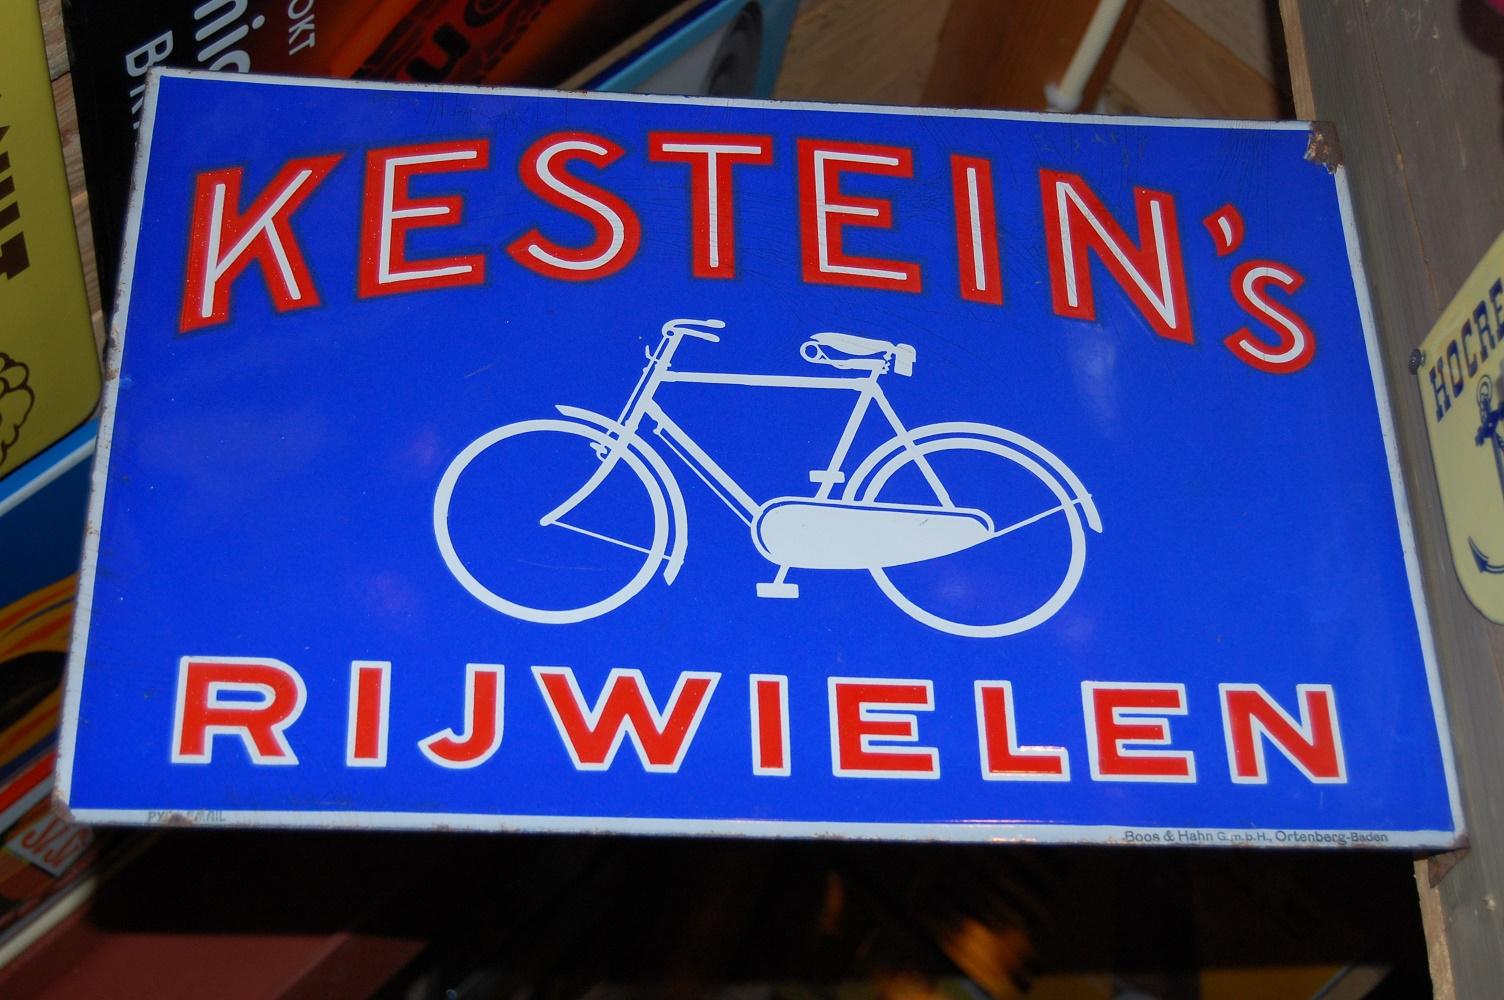 emaille kestein's rijwielen